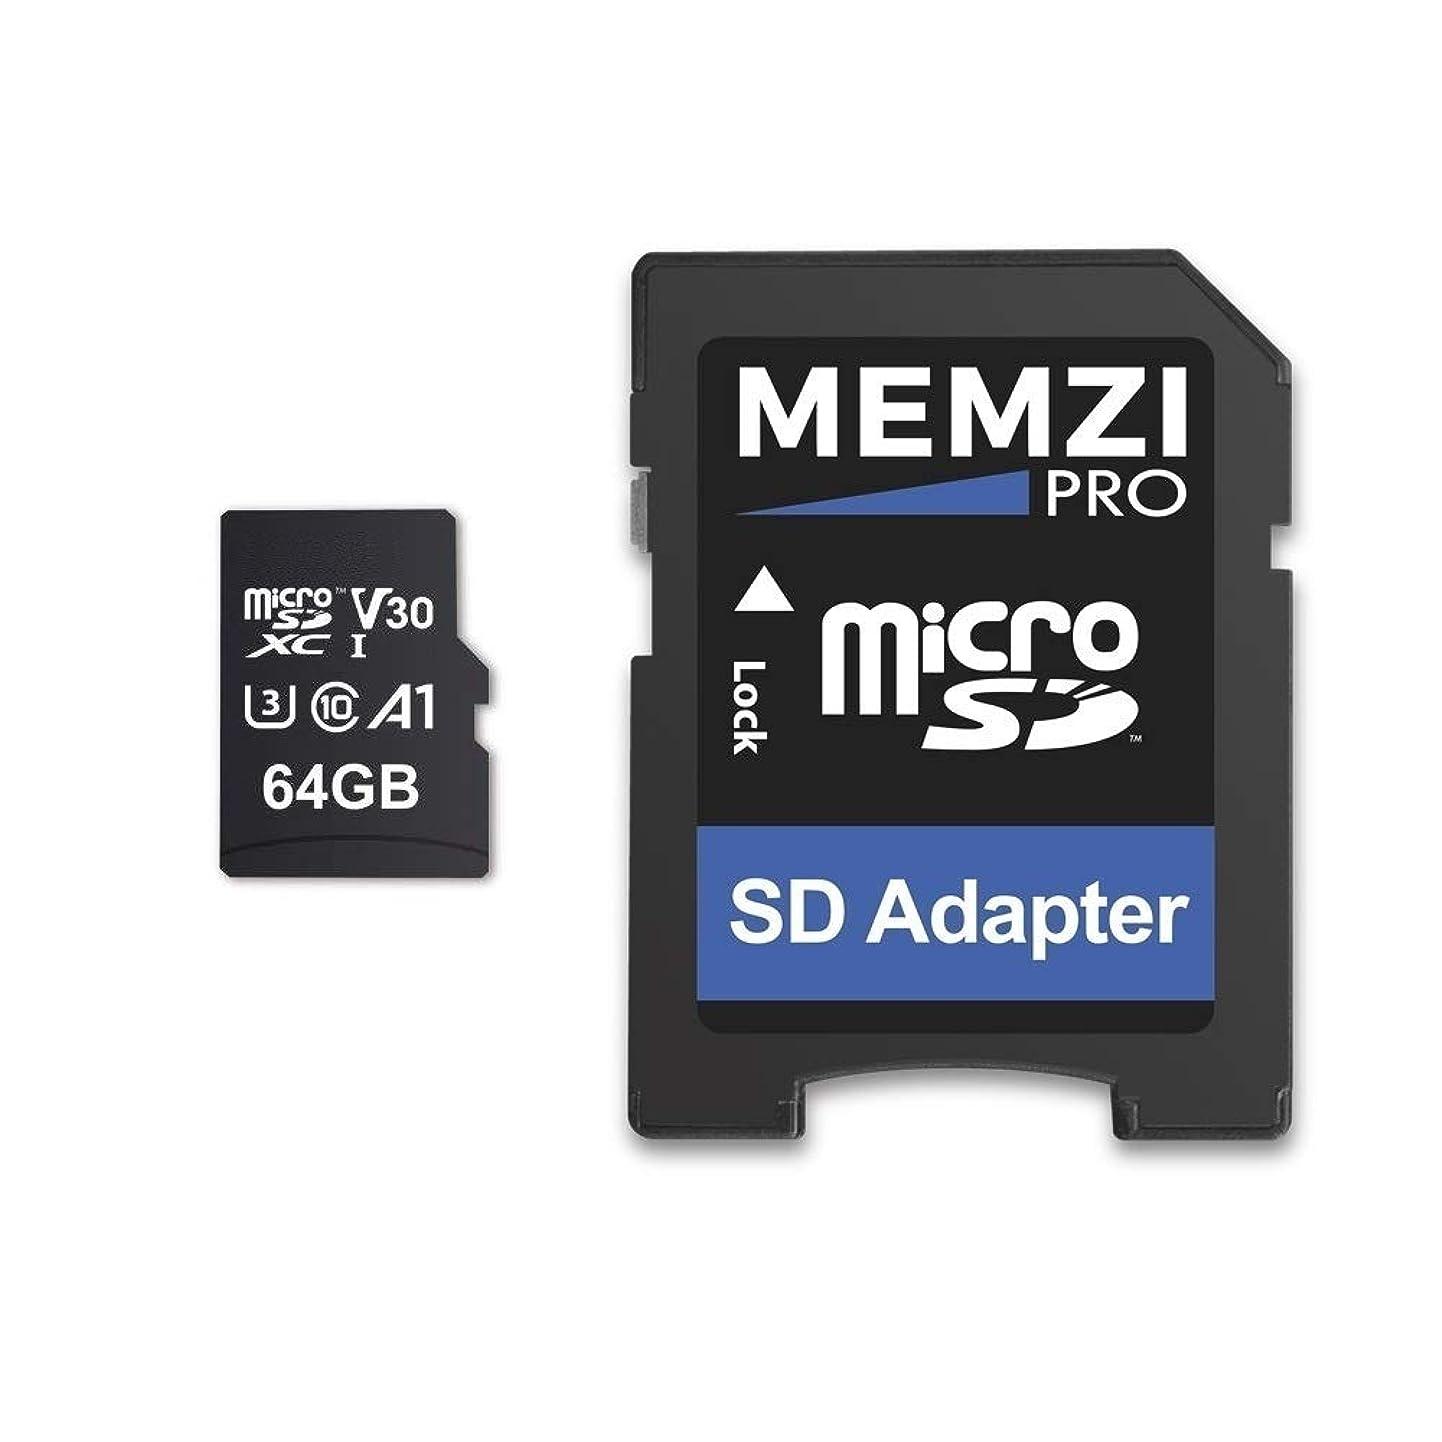 うねるスカイ比喩MEMZI PRO 64GB Micro SDXC メモリーカード Motorola Moto G7 G6 G5S G5 G4 再生/プラス/パワー 携帯電話用 - 高速クラス10 100MB/s読み取り 70MB/s書き込み U3 A1 V30 4K録画 SDアダプター付き